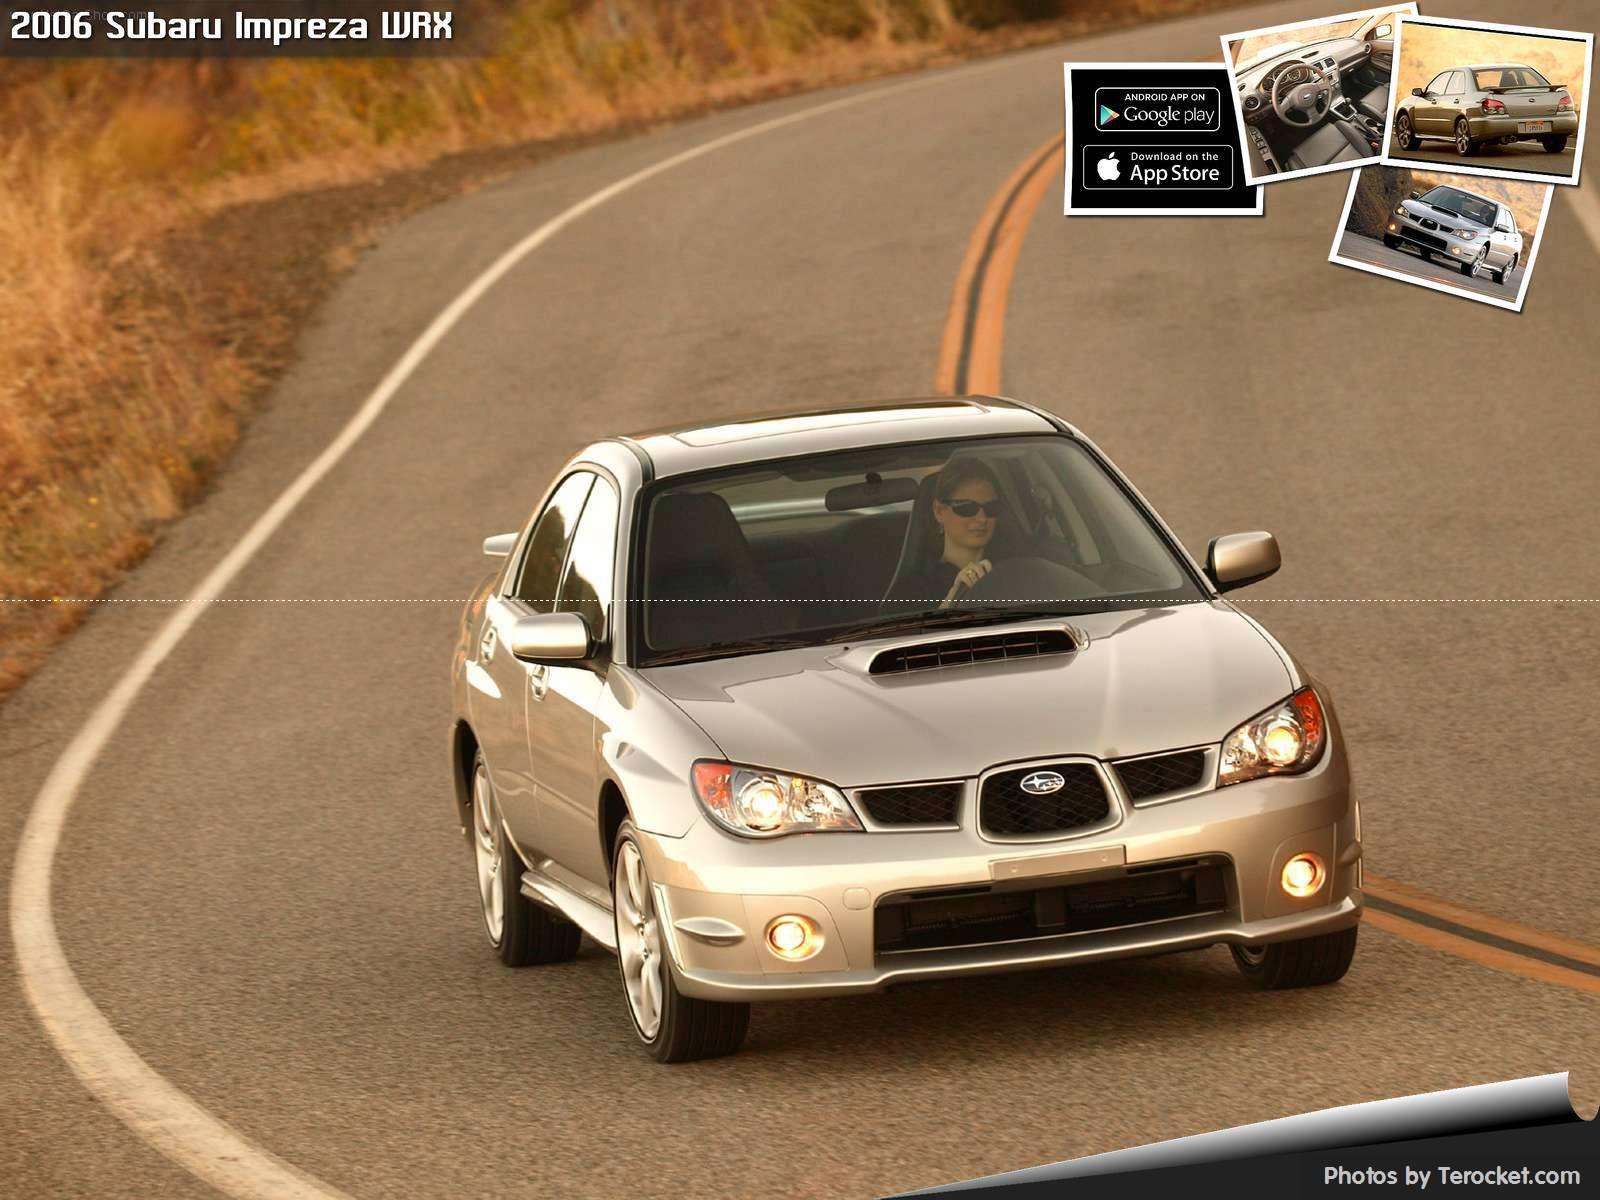 Hình ảnh xe ô tô Subaru Impreza WRX 2006 & nội ngoại thất